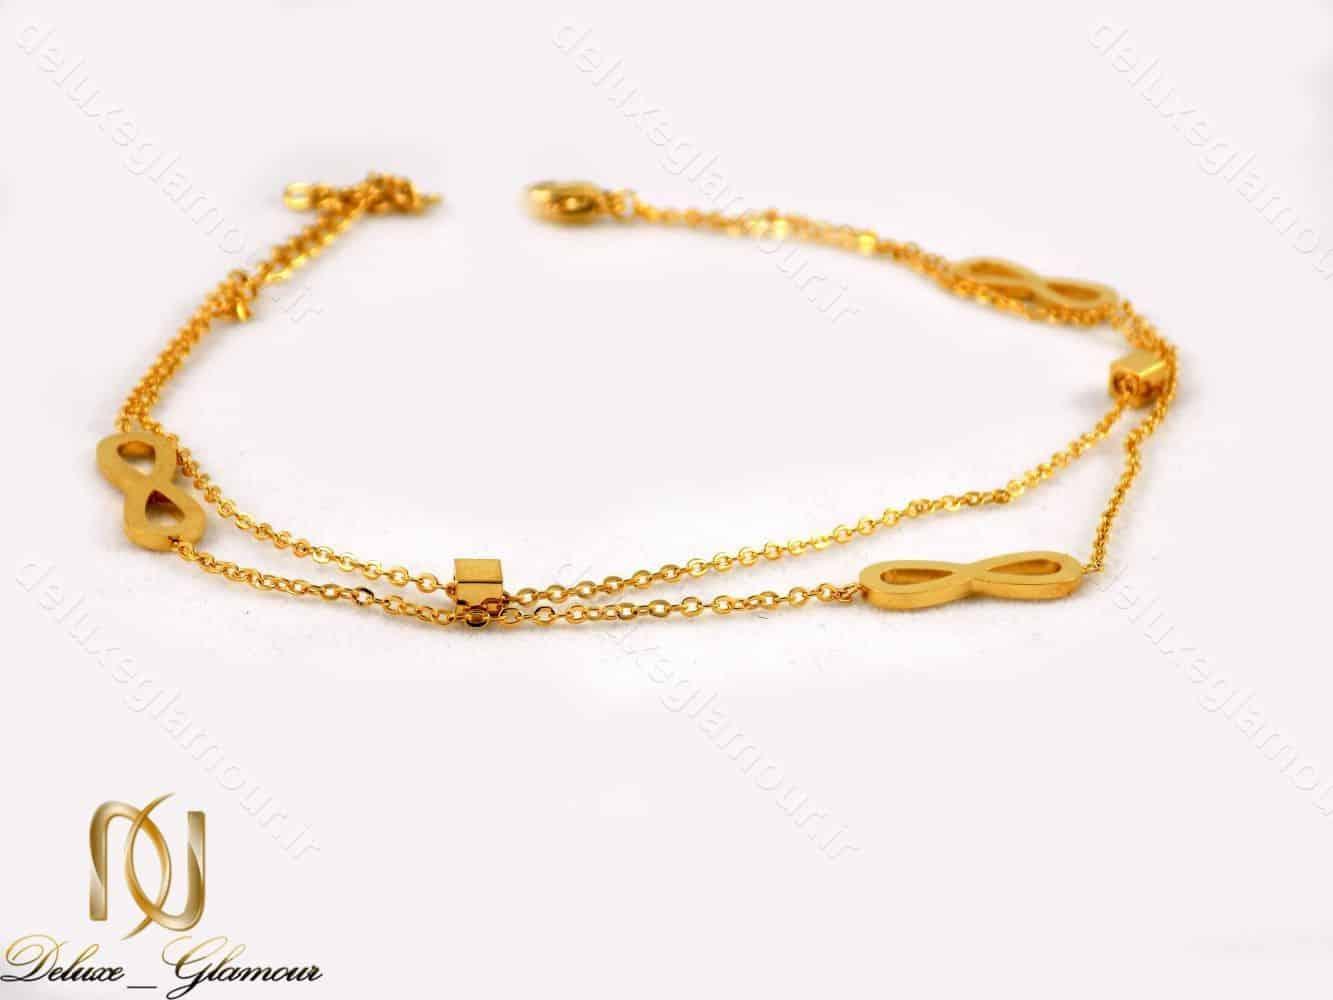 پابند دخترانه استیل طرح بی نهایت دو لاینه طلایی pa-n103 از نمای پایین